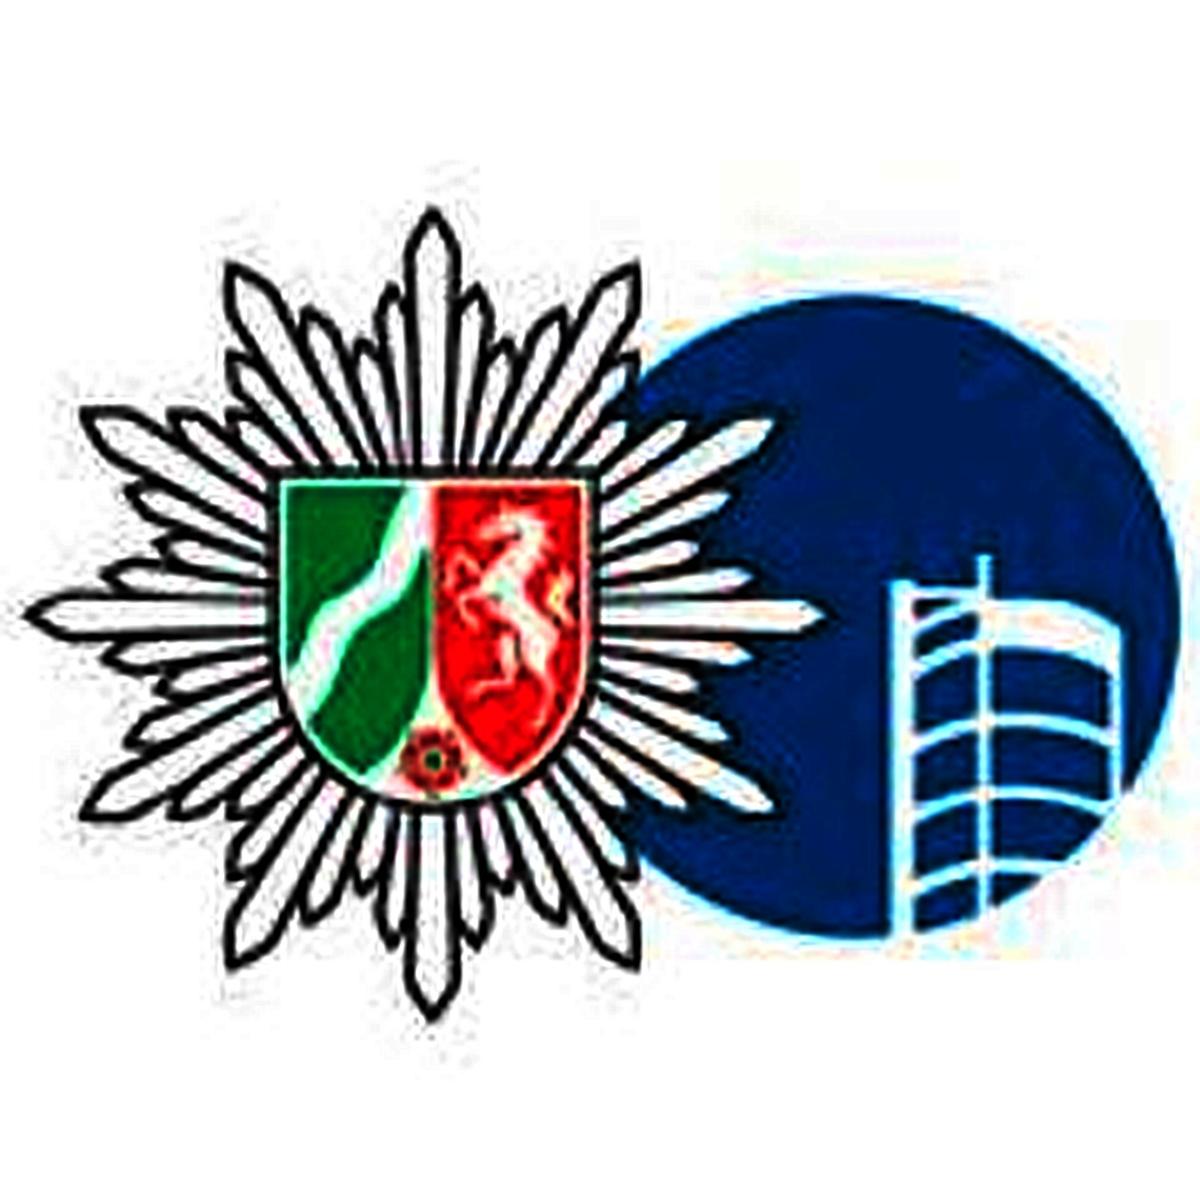 Fot by: Screenshot Polizei Oberhausen Twitter